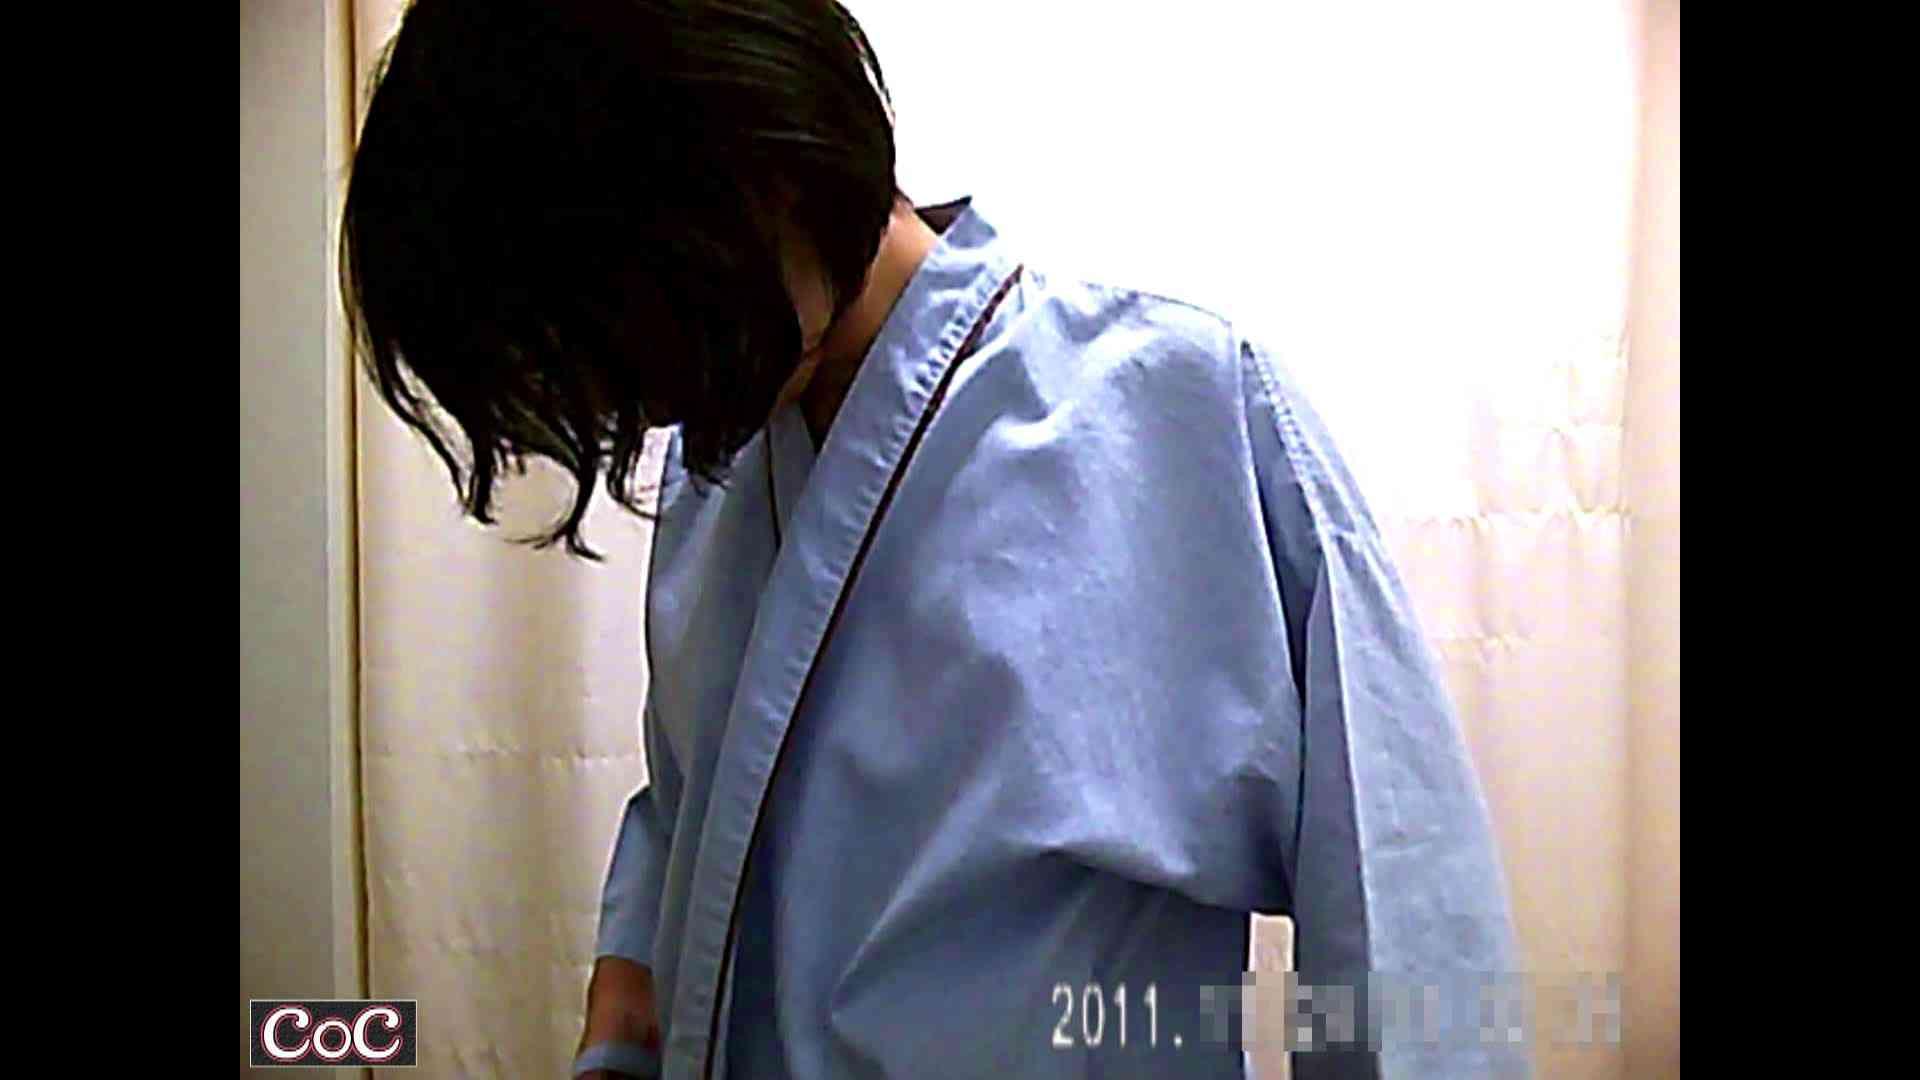 病院おもいっきり着替え! vol.103 貧乳編 オメコ無修正動画無料 79画像 55